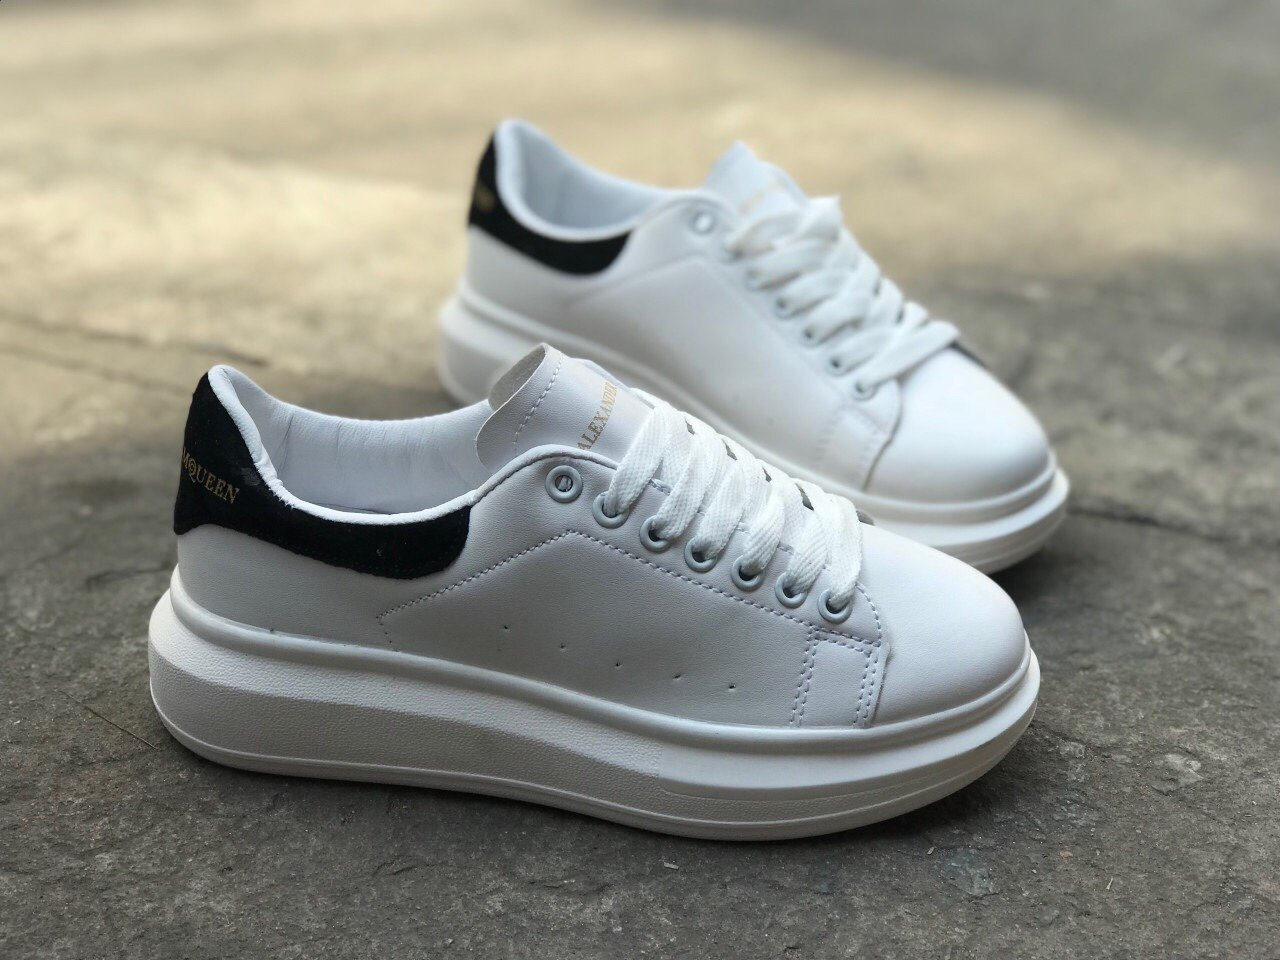 giày mcqueen f1 đen 1